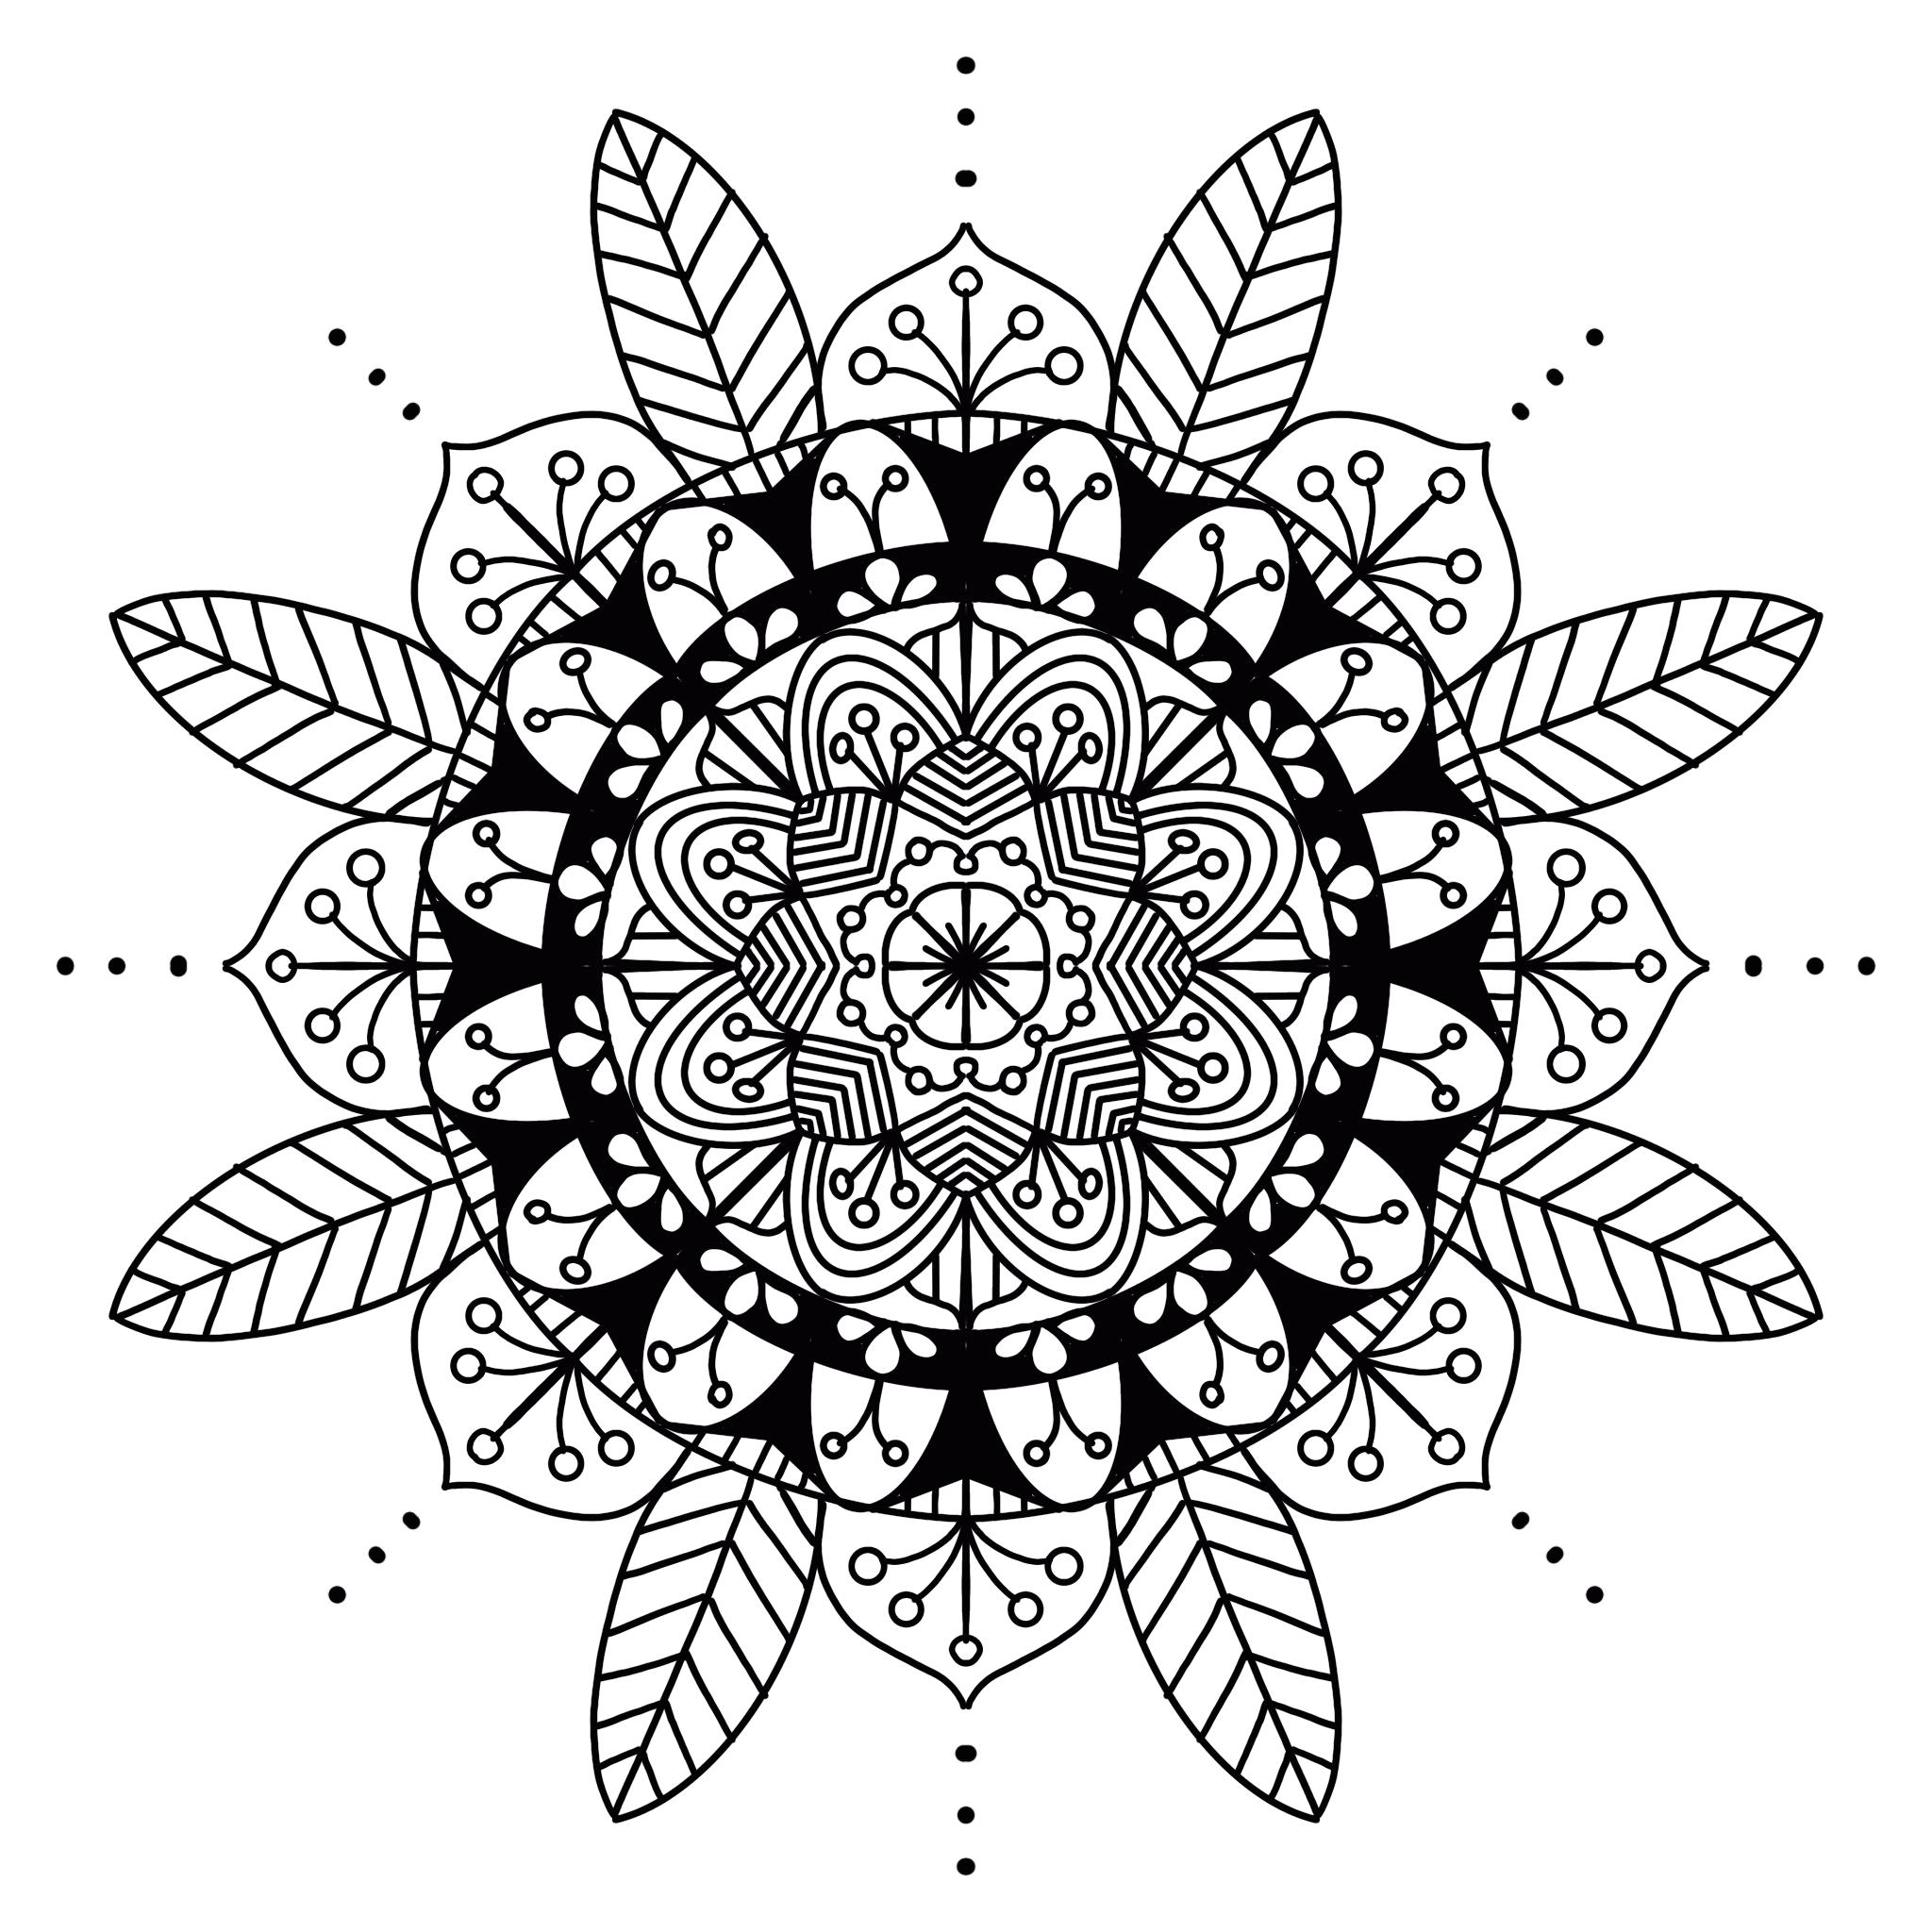 Mandala_7